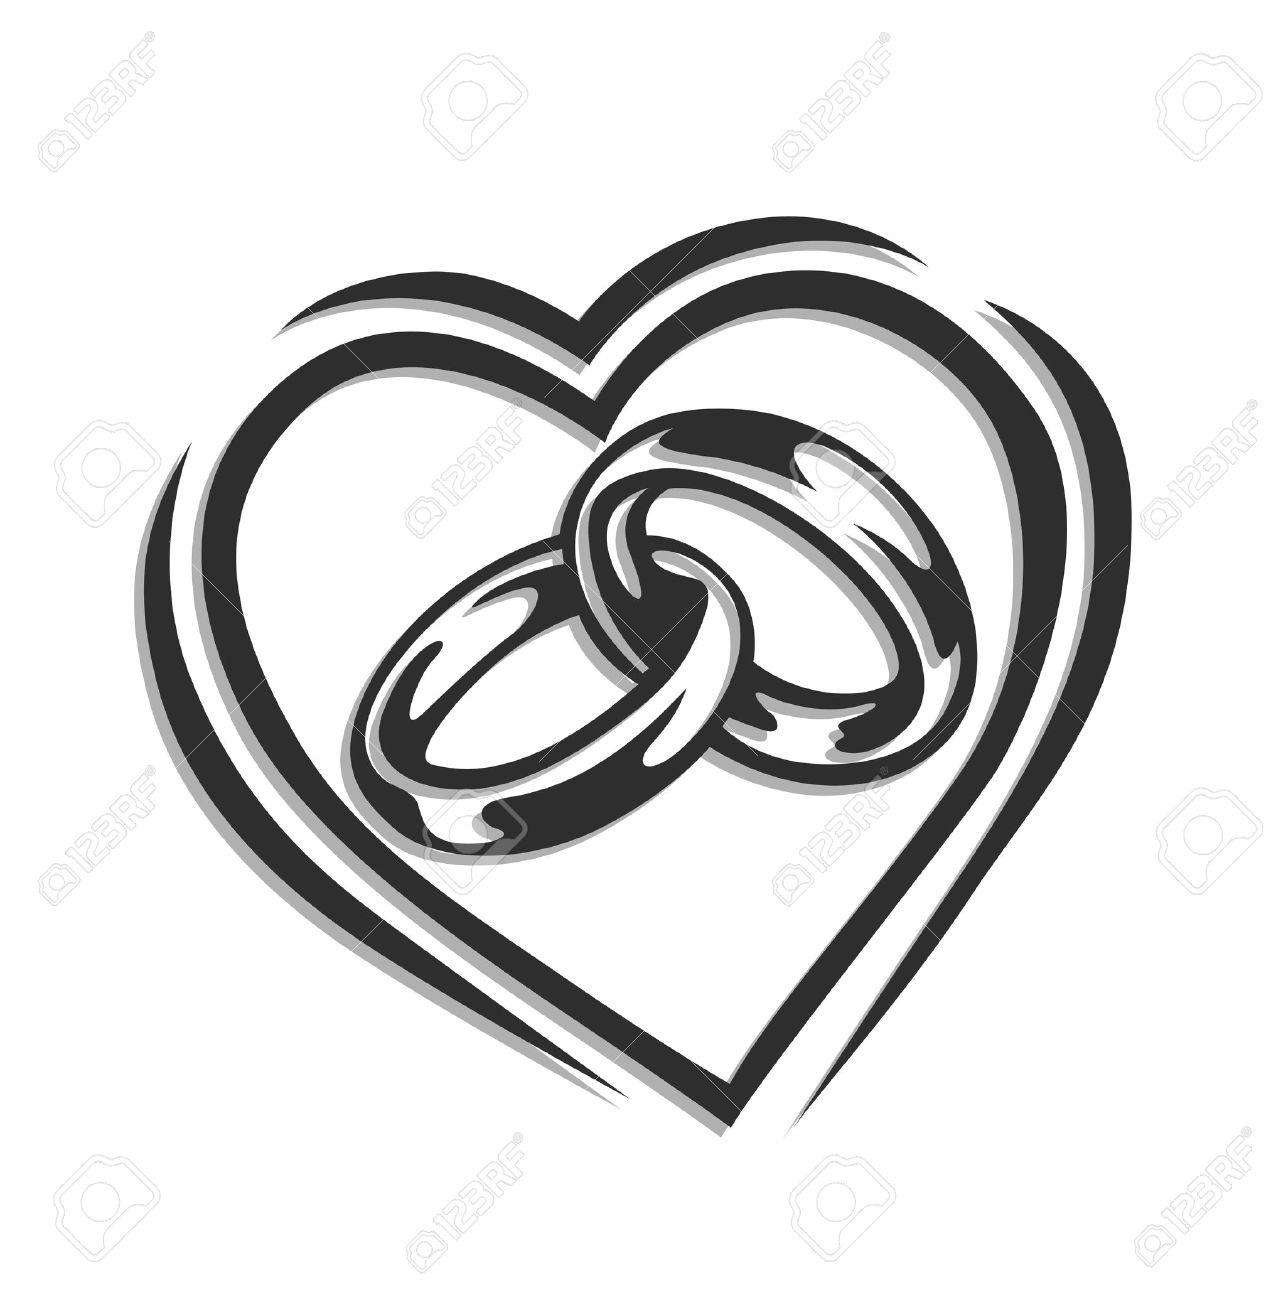 Eheringe clipart schwarz weiß  Ehering Im Herzen Illustration Isoliert Auf Weißem Hintergrund ...